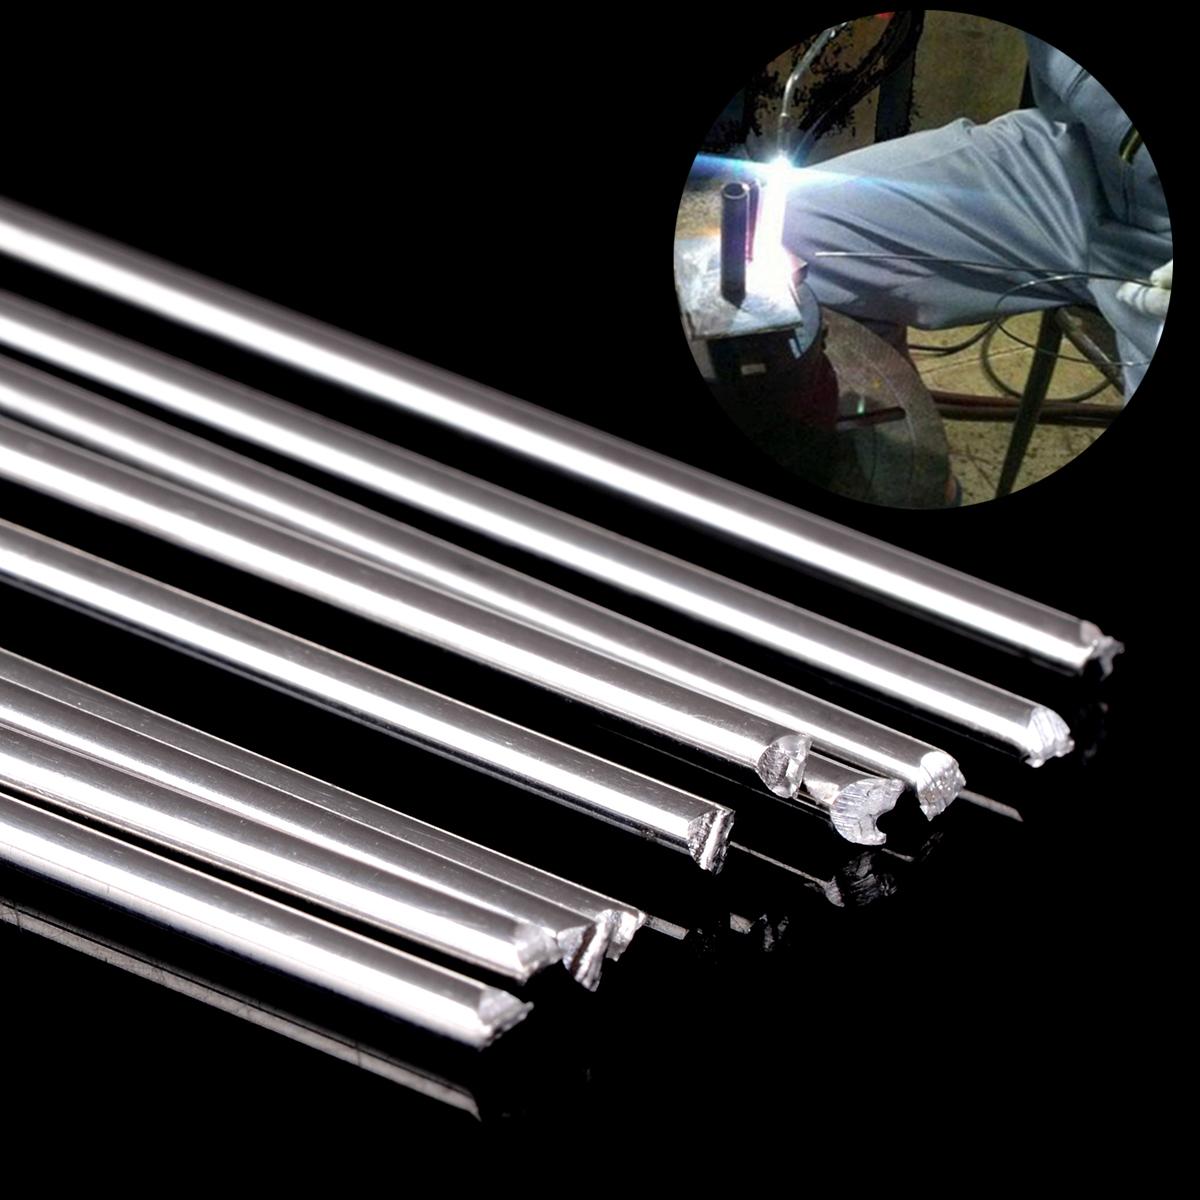 [해외]10pcs Metal Aluminum Magnesium Silver Welding RodLow Temperature 1.6mm Diameter 450mm Length/10pcs Metal Aluminum Magnesium Silver Welding RodLow